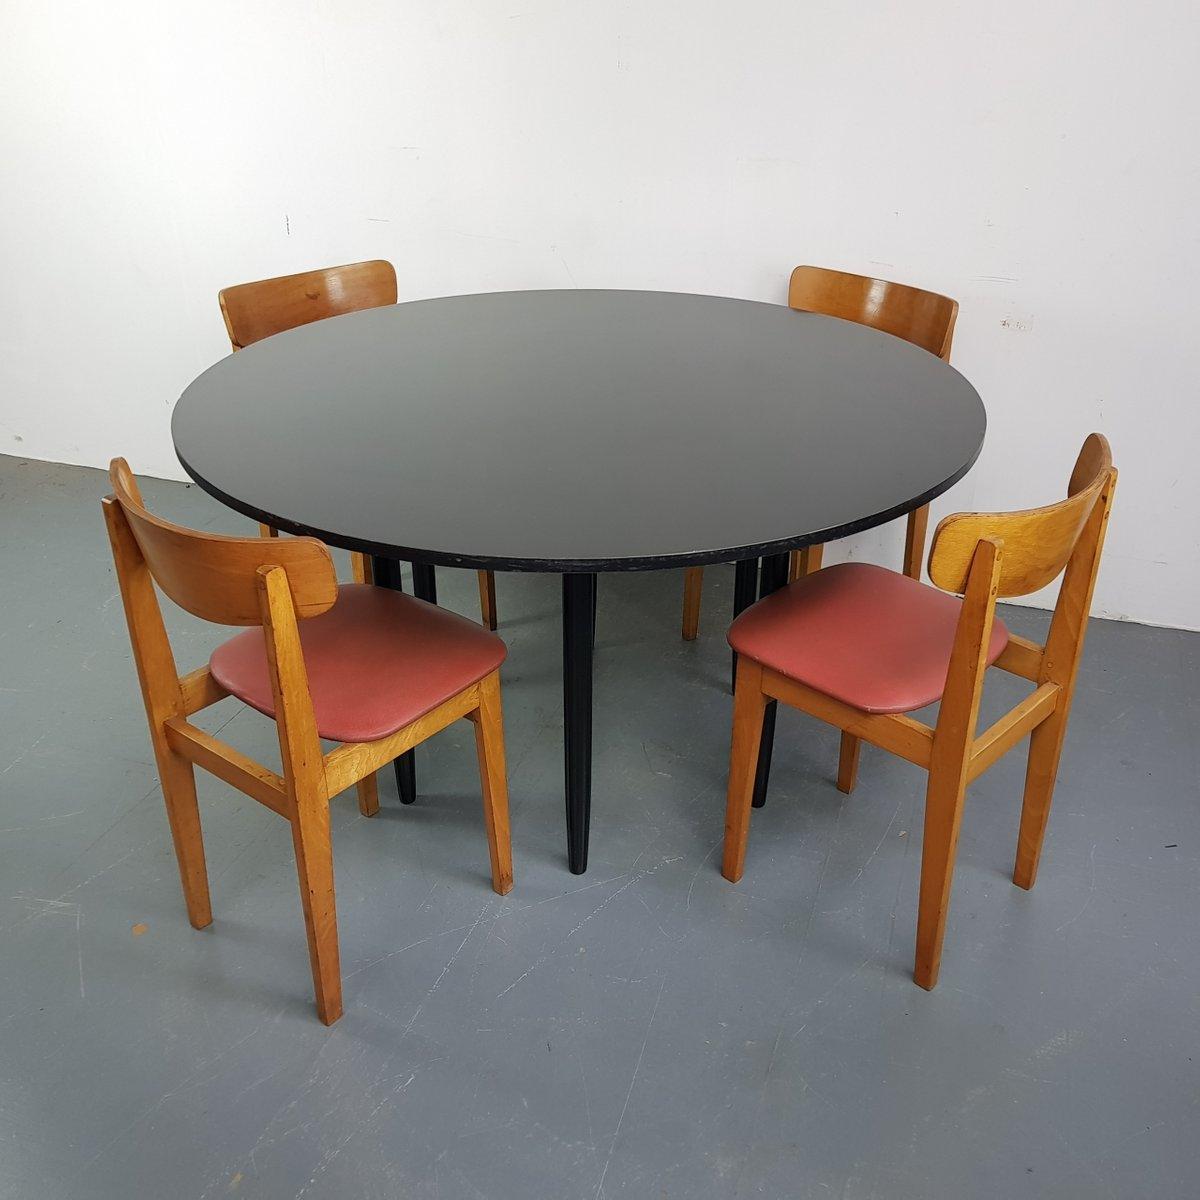 Runder schwarzer Vintage Tisch mit 4 Stühlen, 1960er